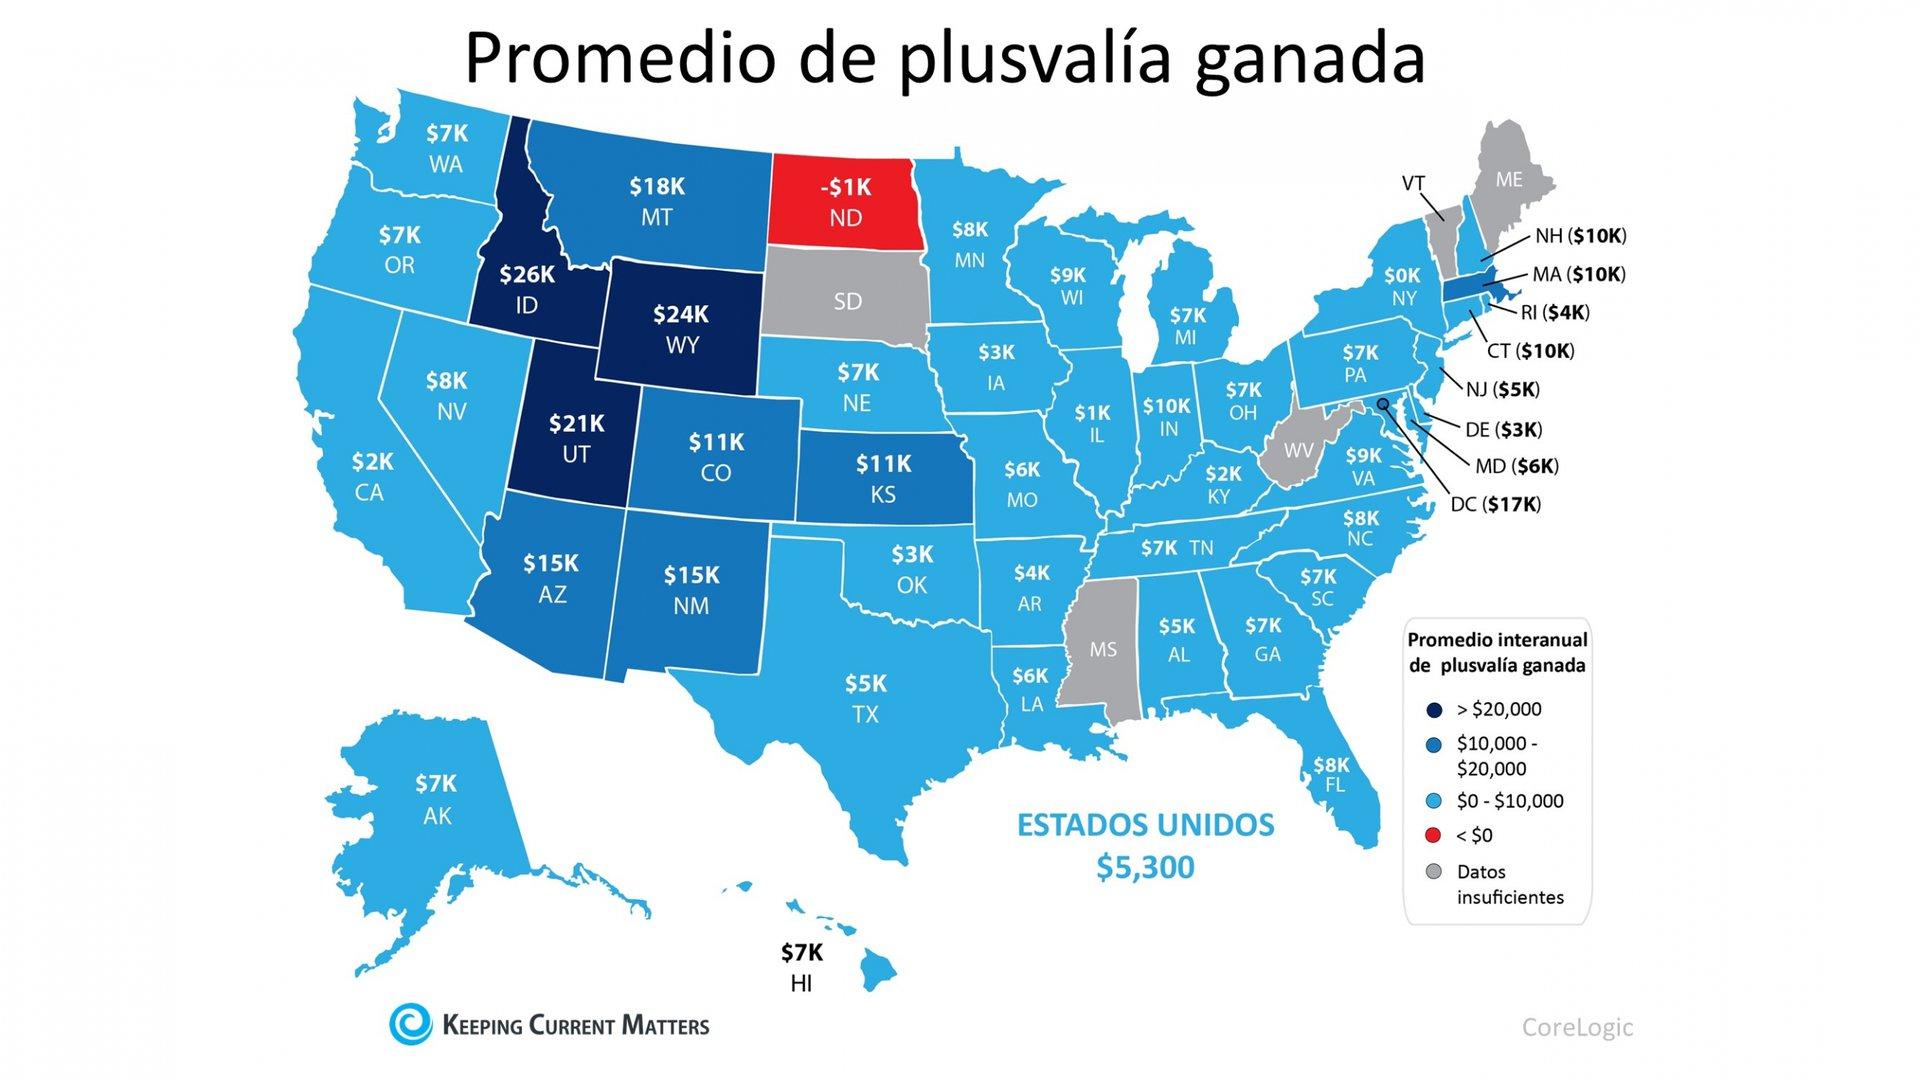 La ganancia de plusvalía está aumentando en casi todos los estados | Keeping Current Matters